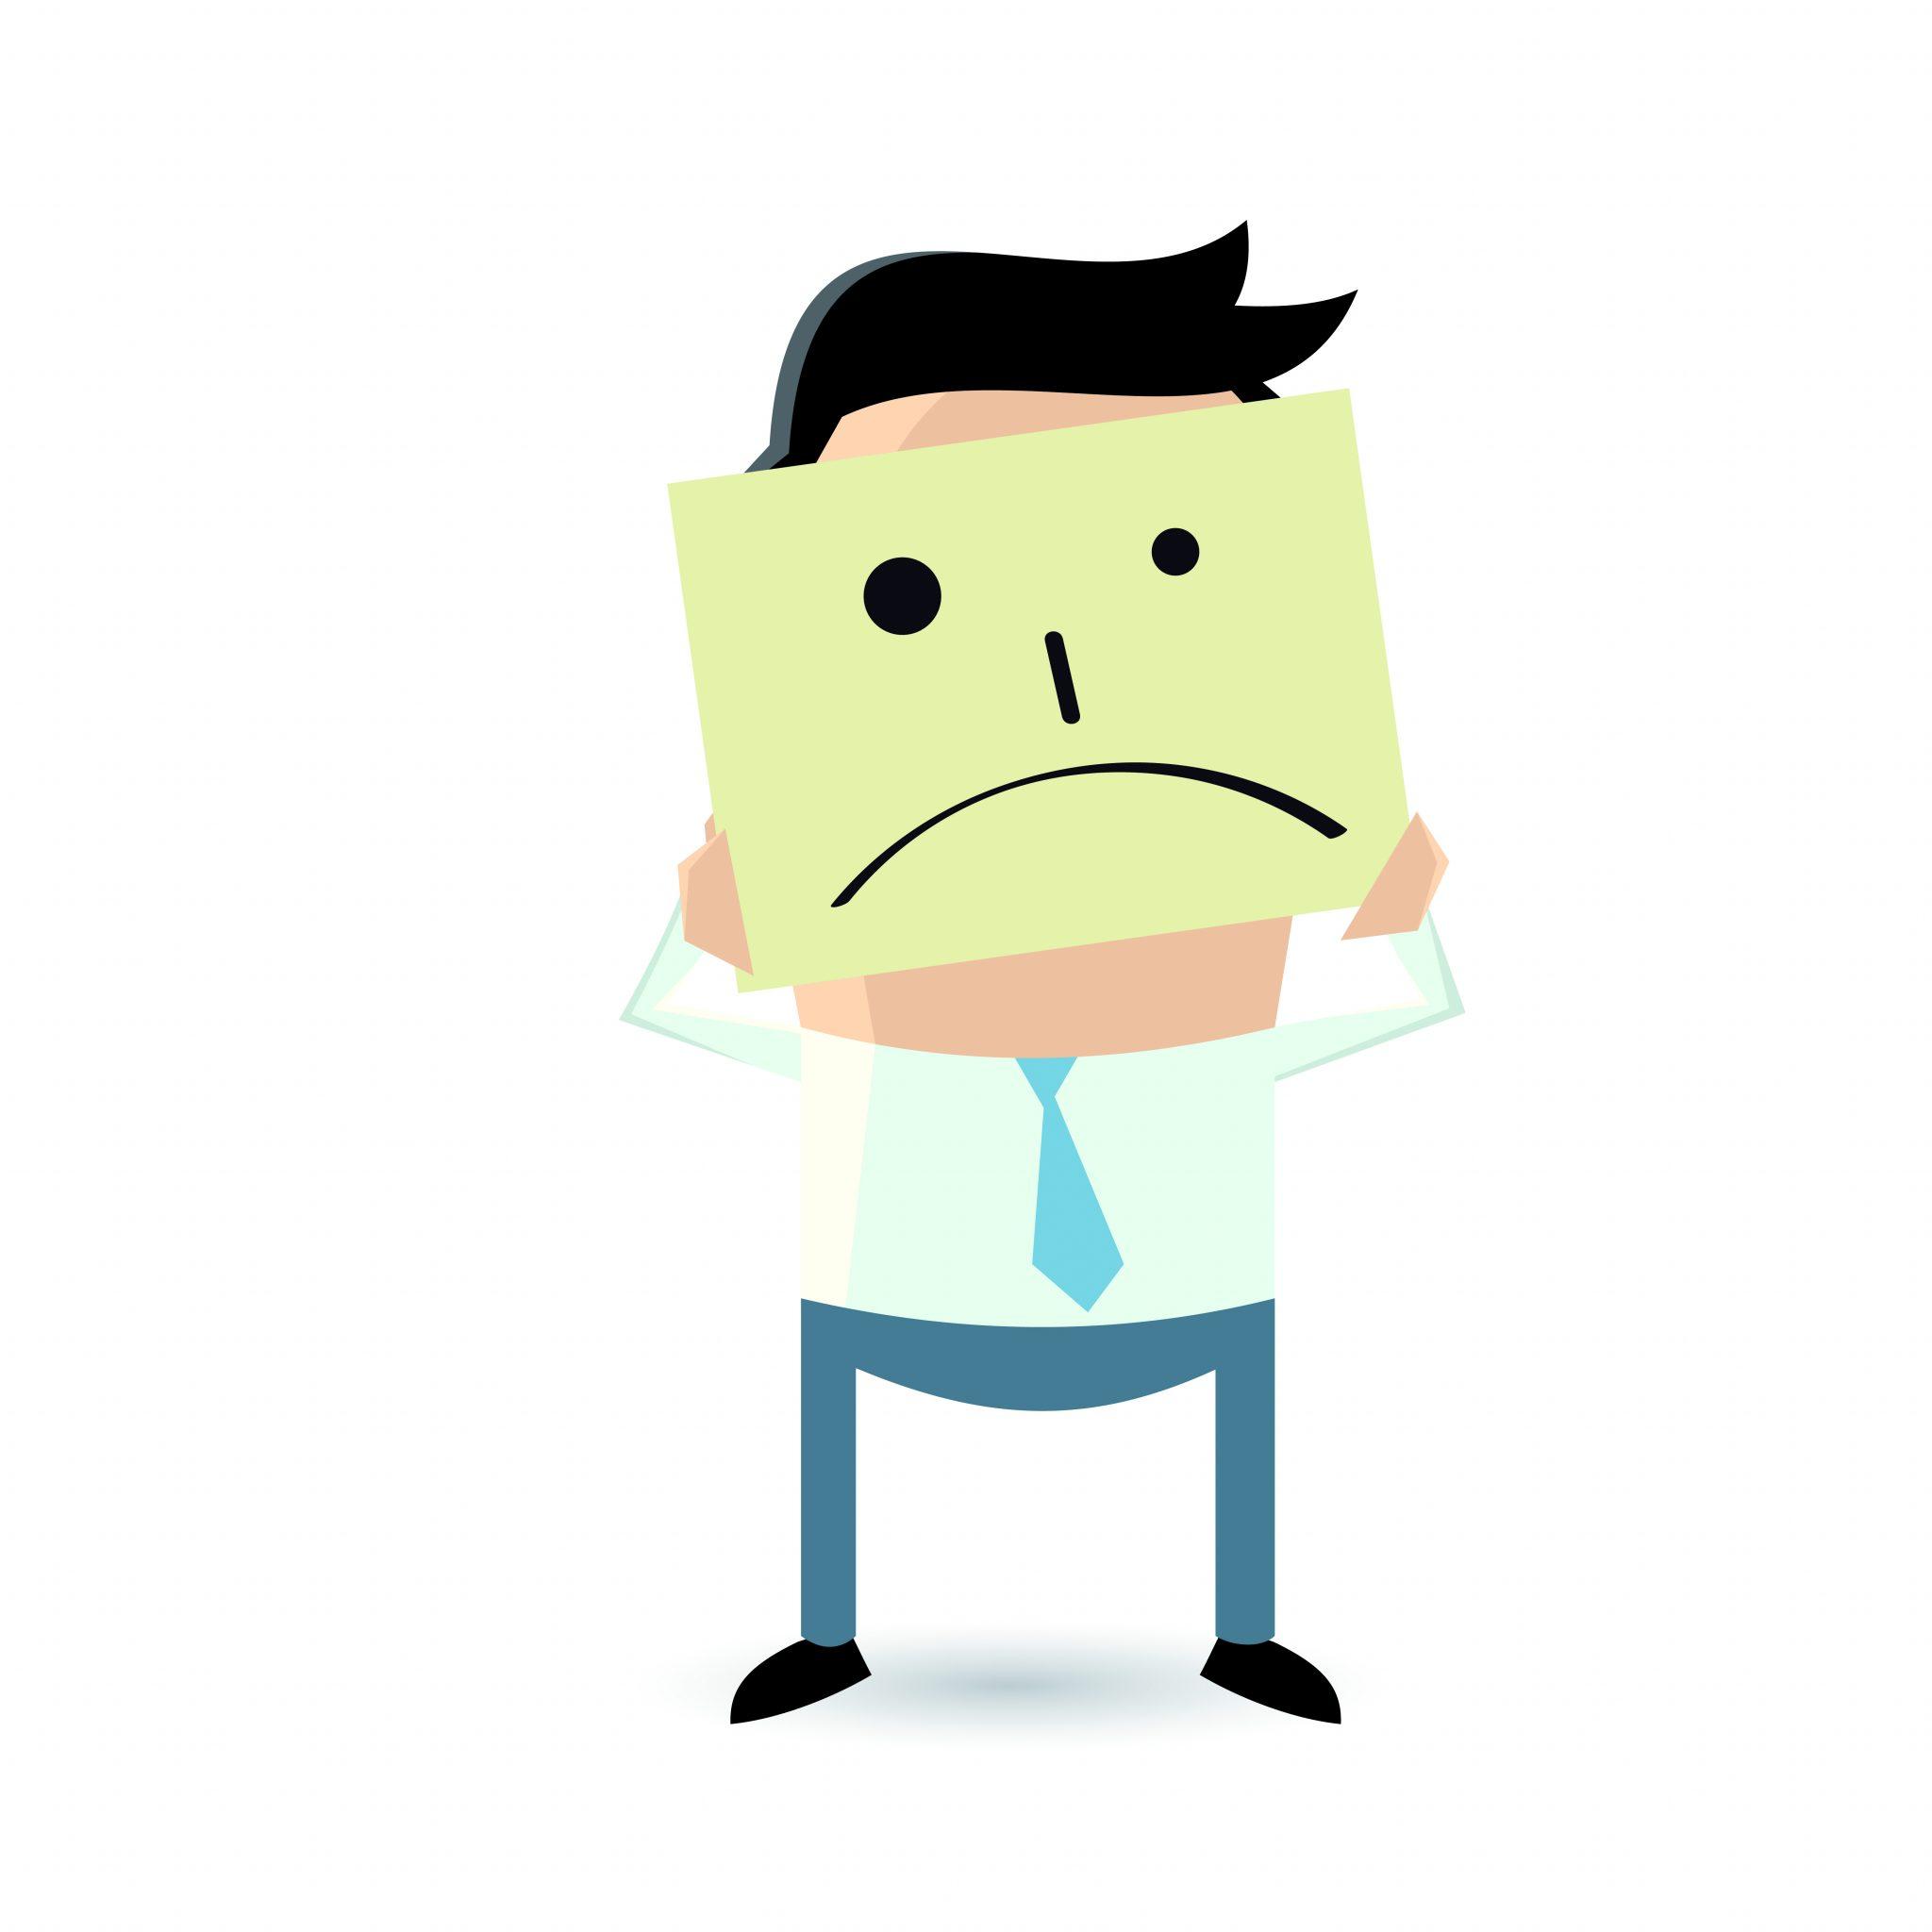 Stress im Job? So verhindern Sie negative Gedanken!